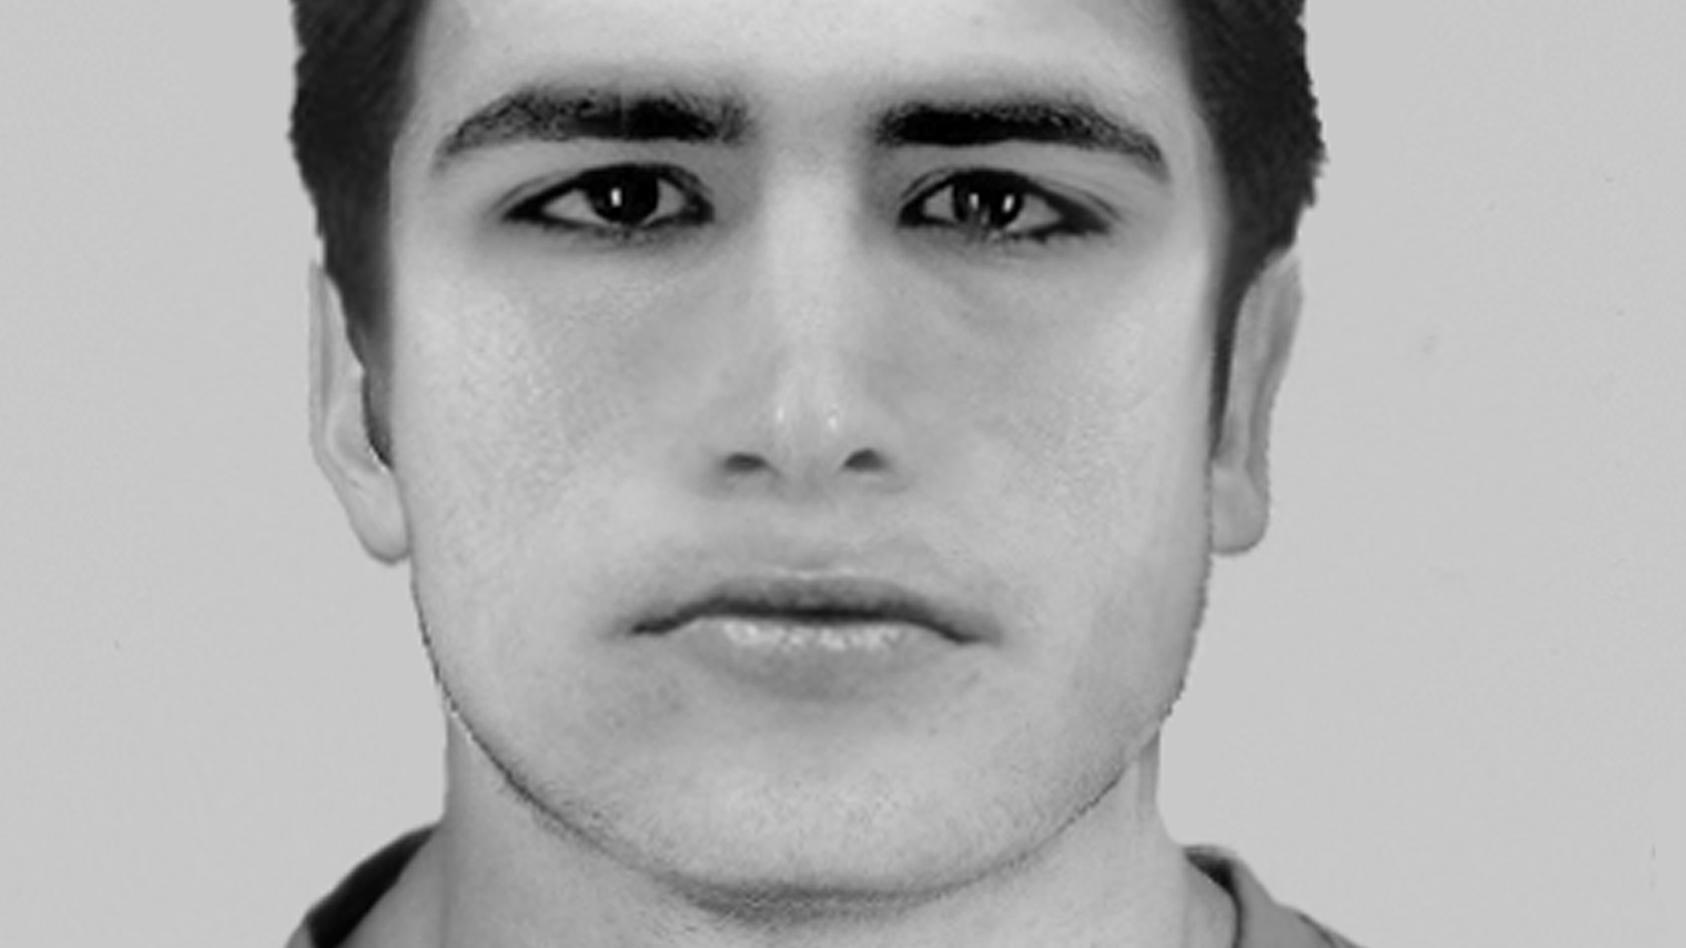 Die Polizei sucht mit diesem Phantombild nach einem Tatverdächtigen nach einer Vergewaltigung in Düsseldorf.